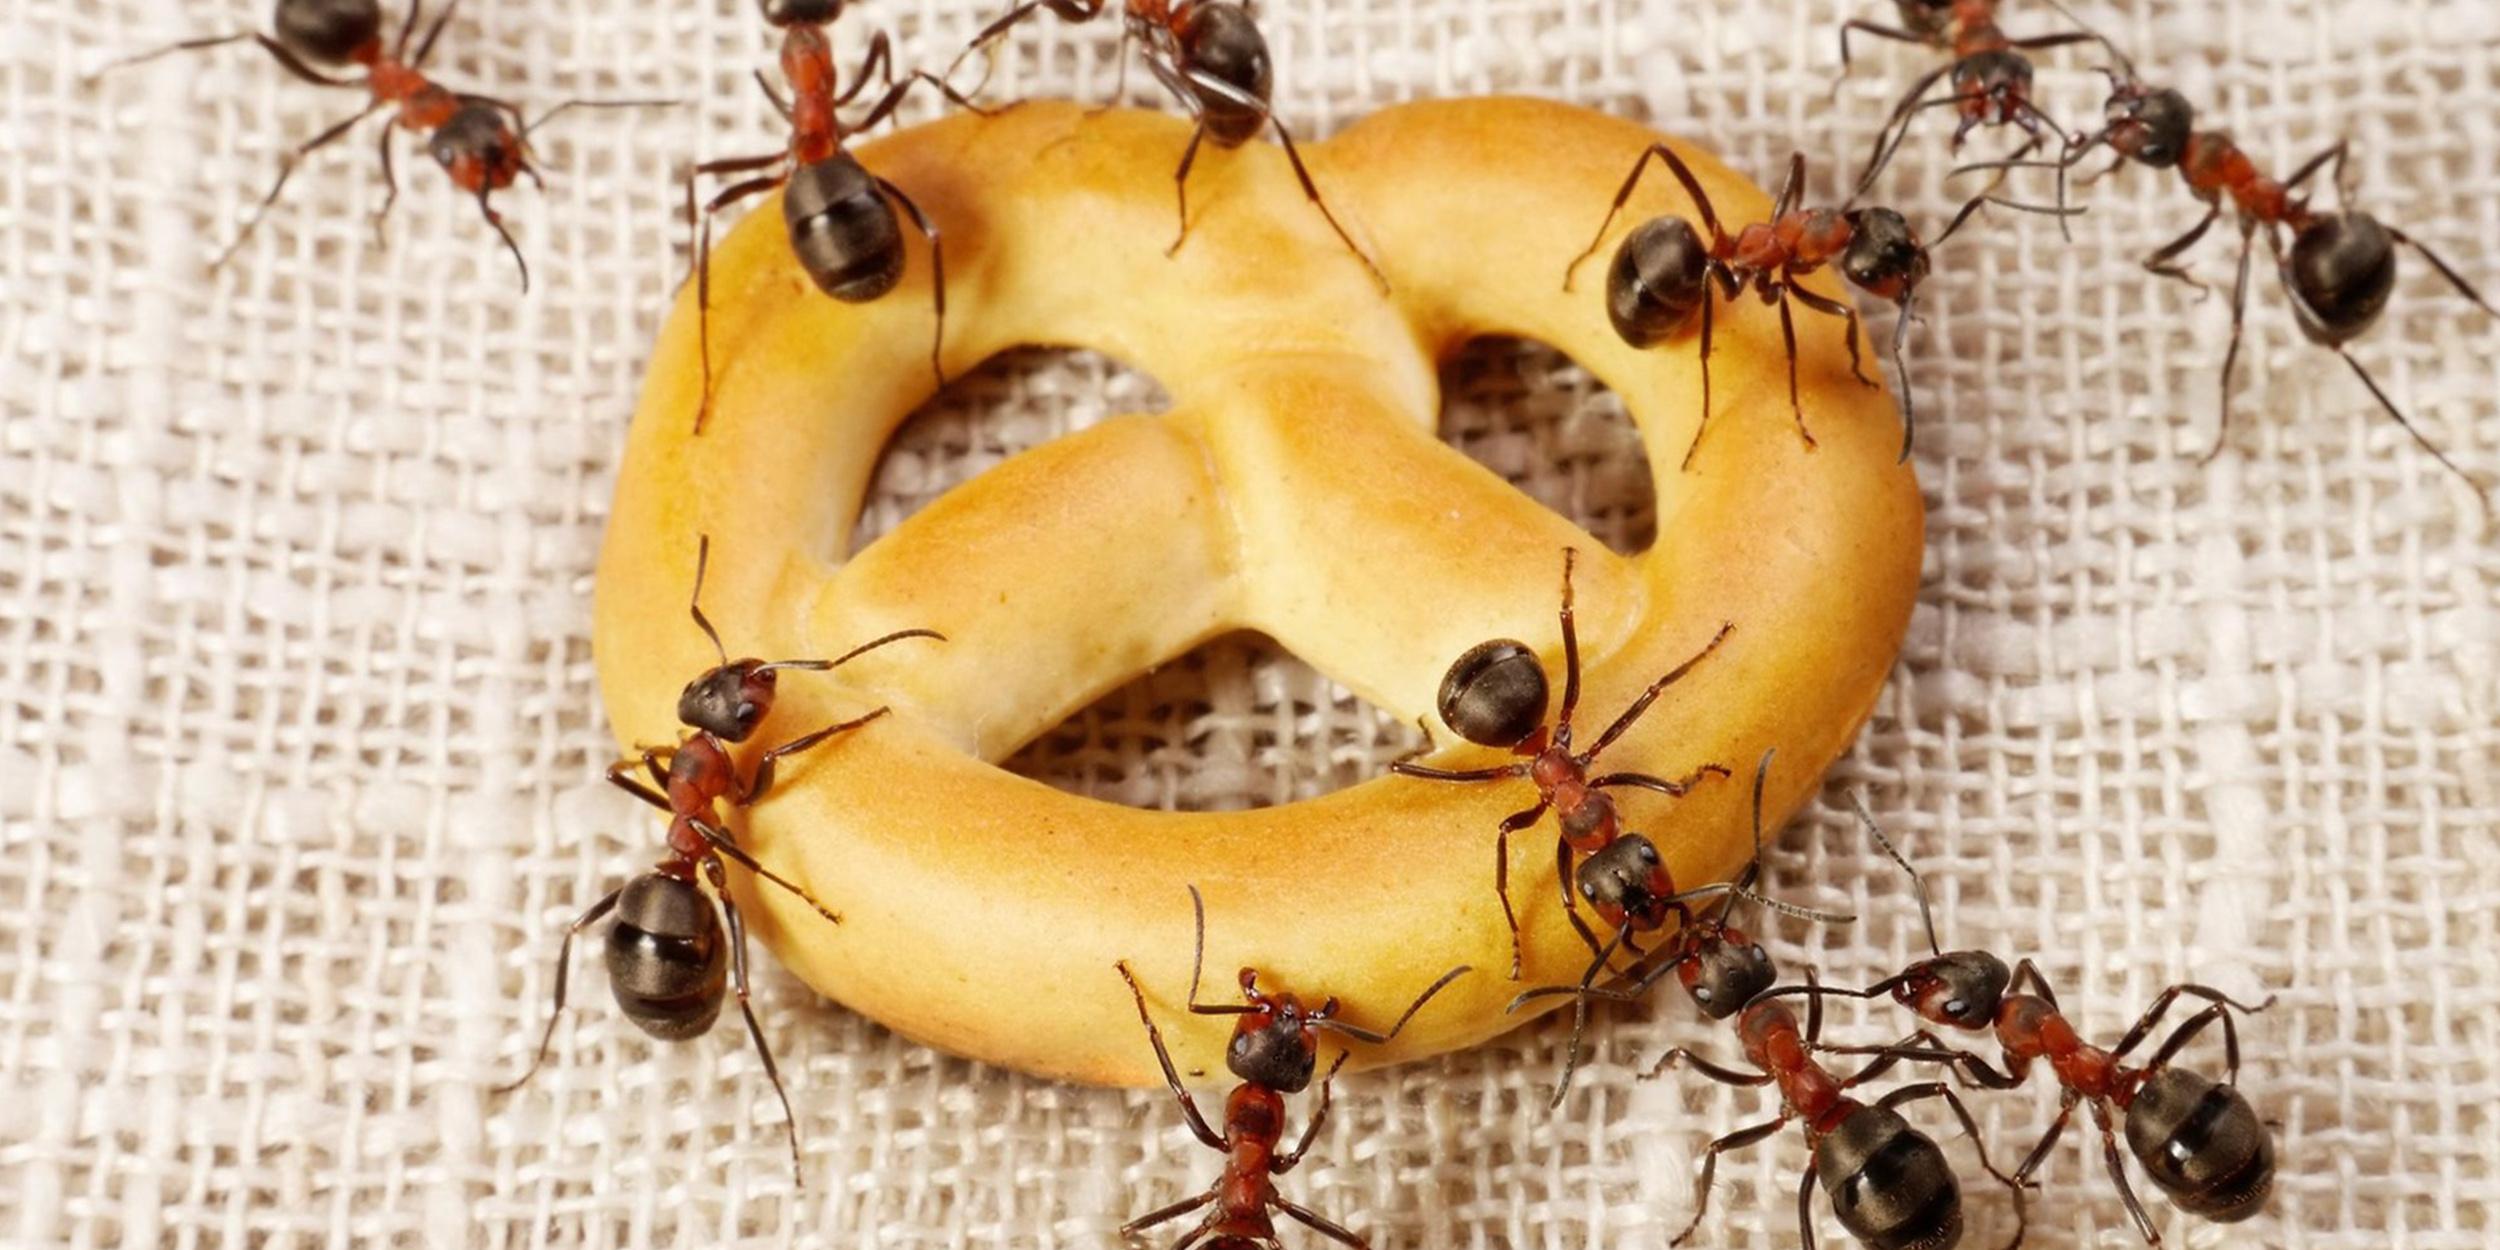 ants_1478245482.jpg